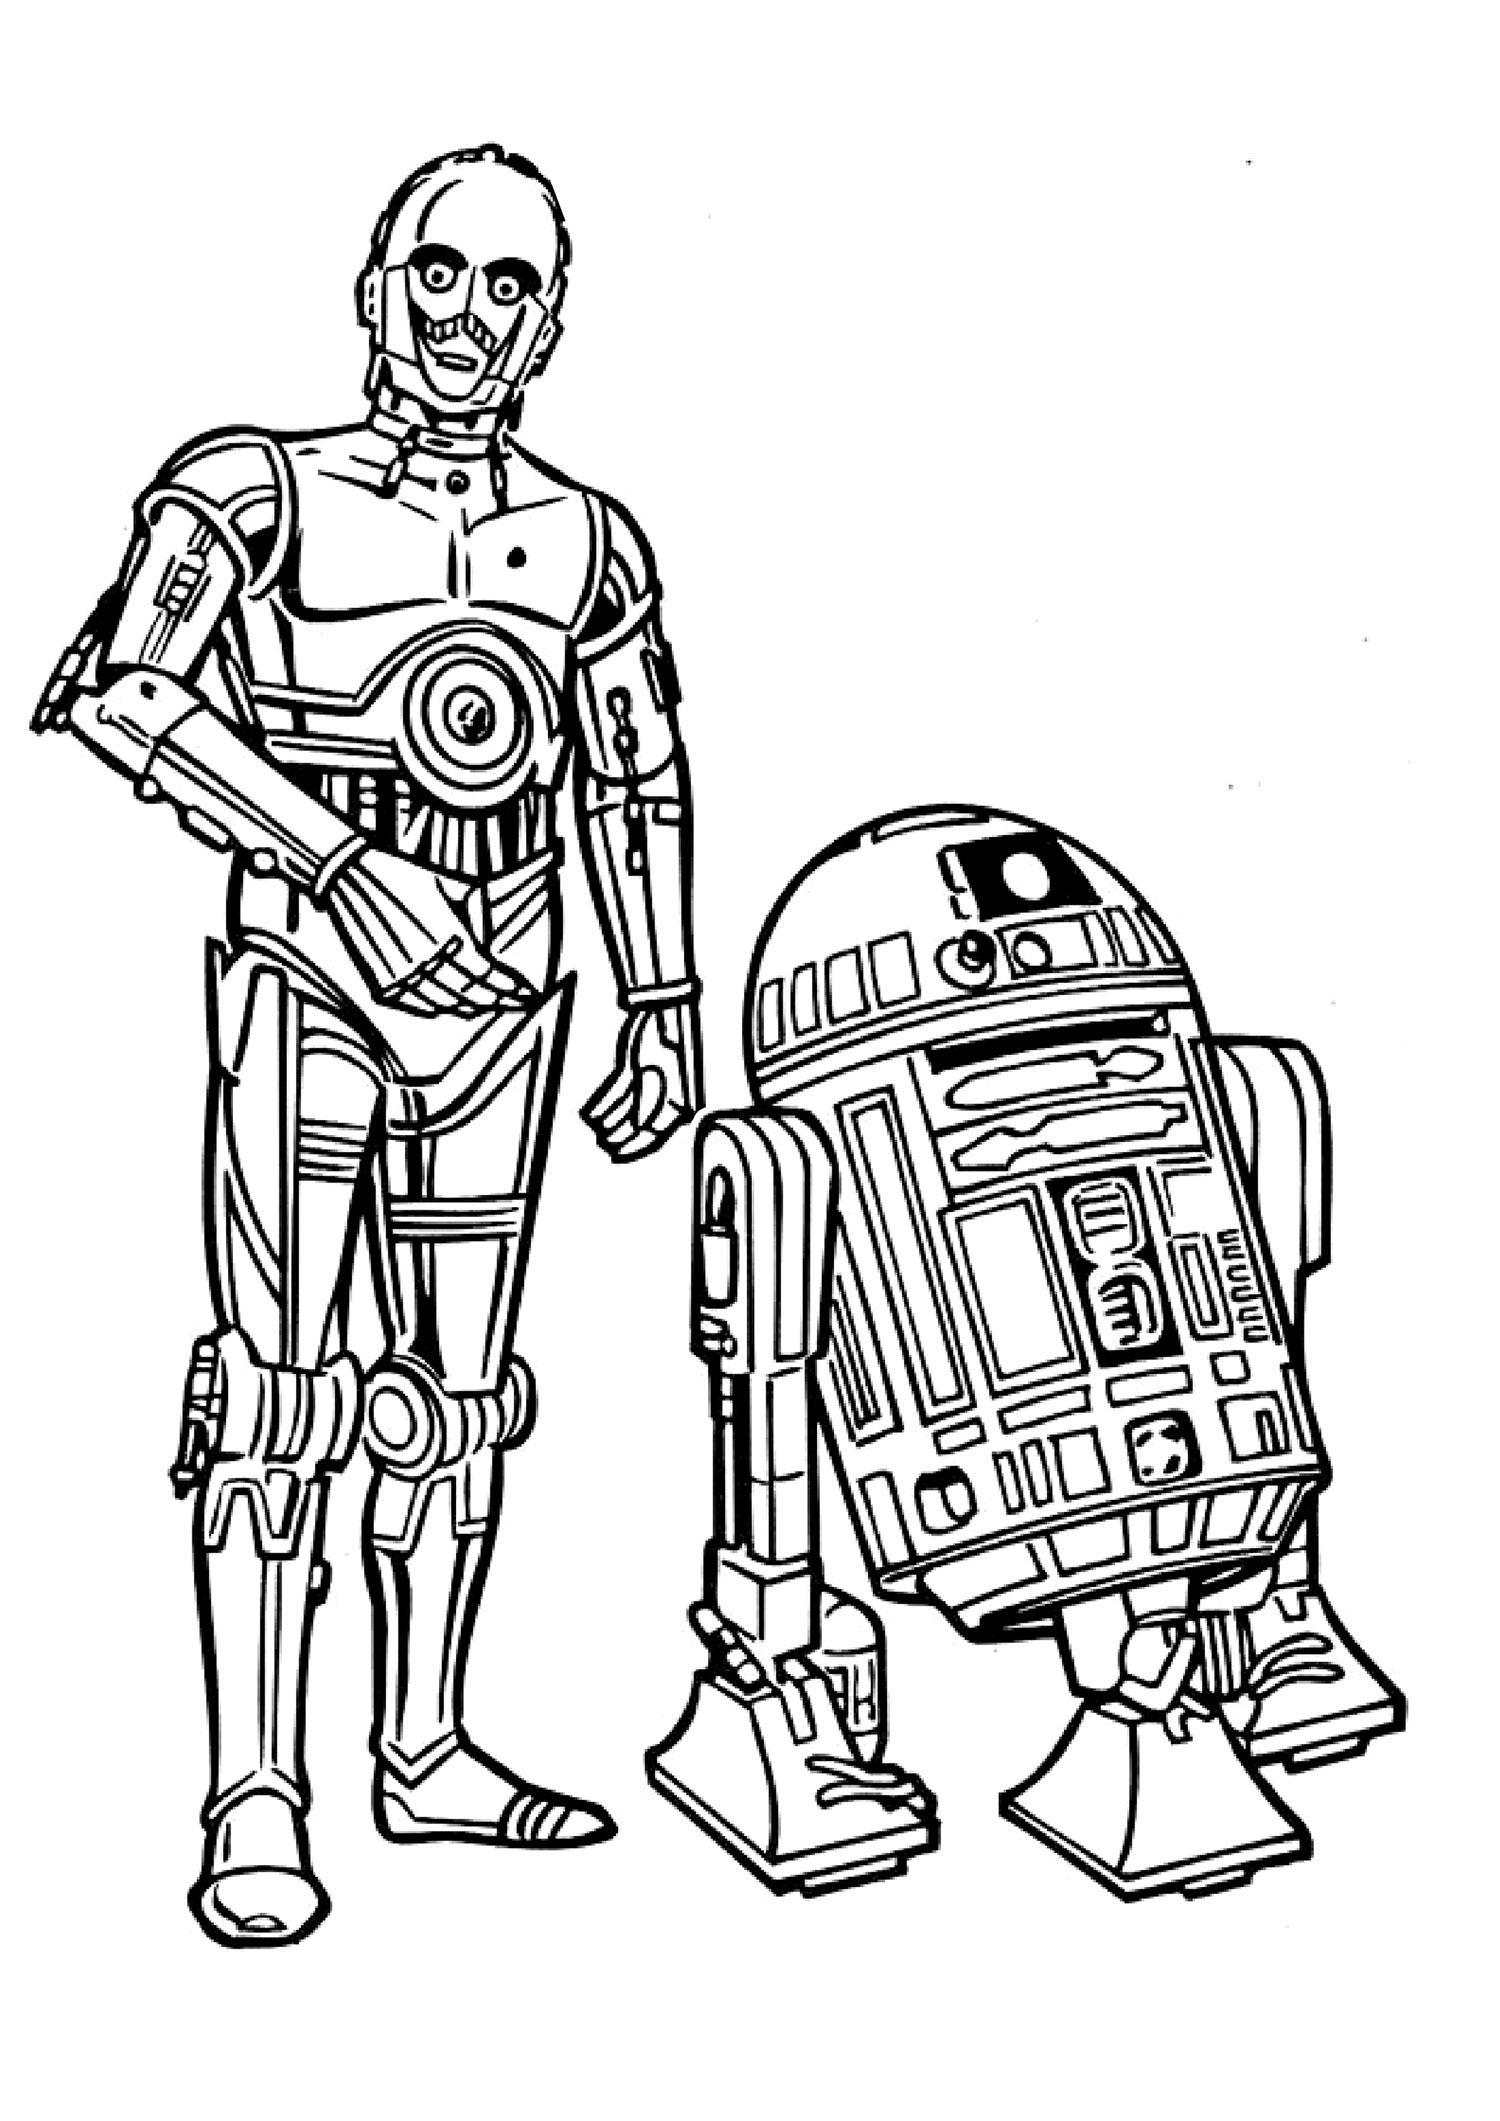 Drawn star wars c3po Recherche coloriage associés c3po de